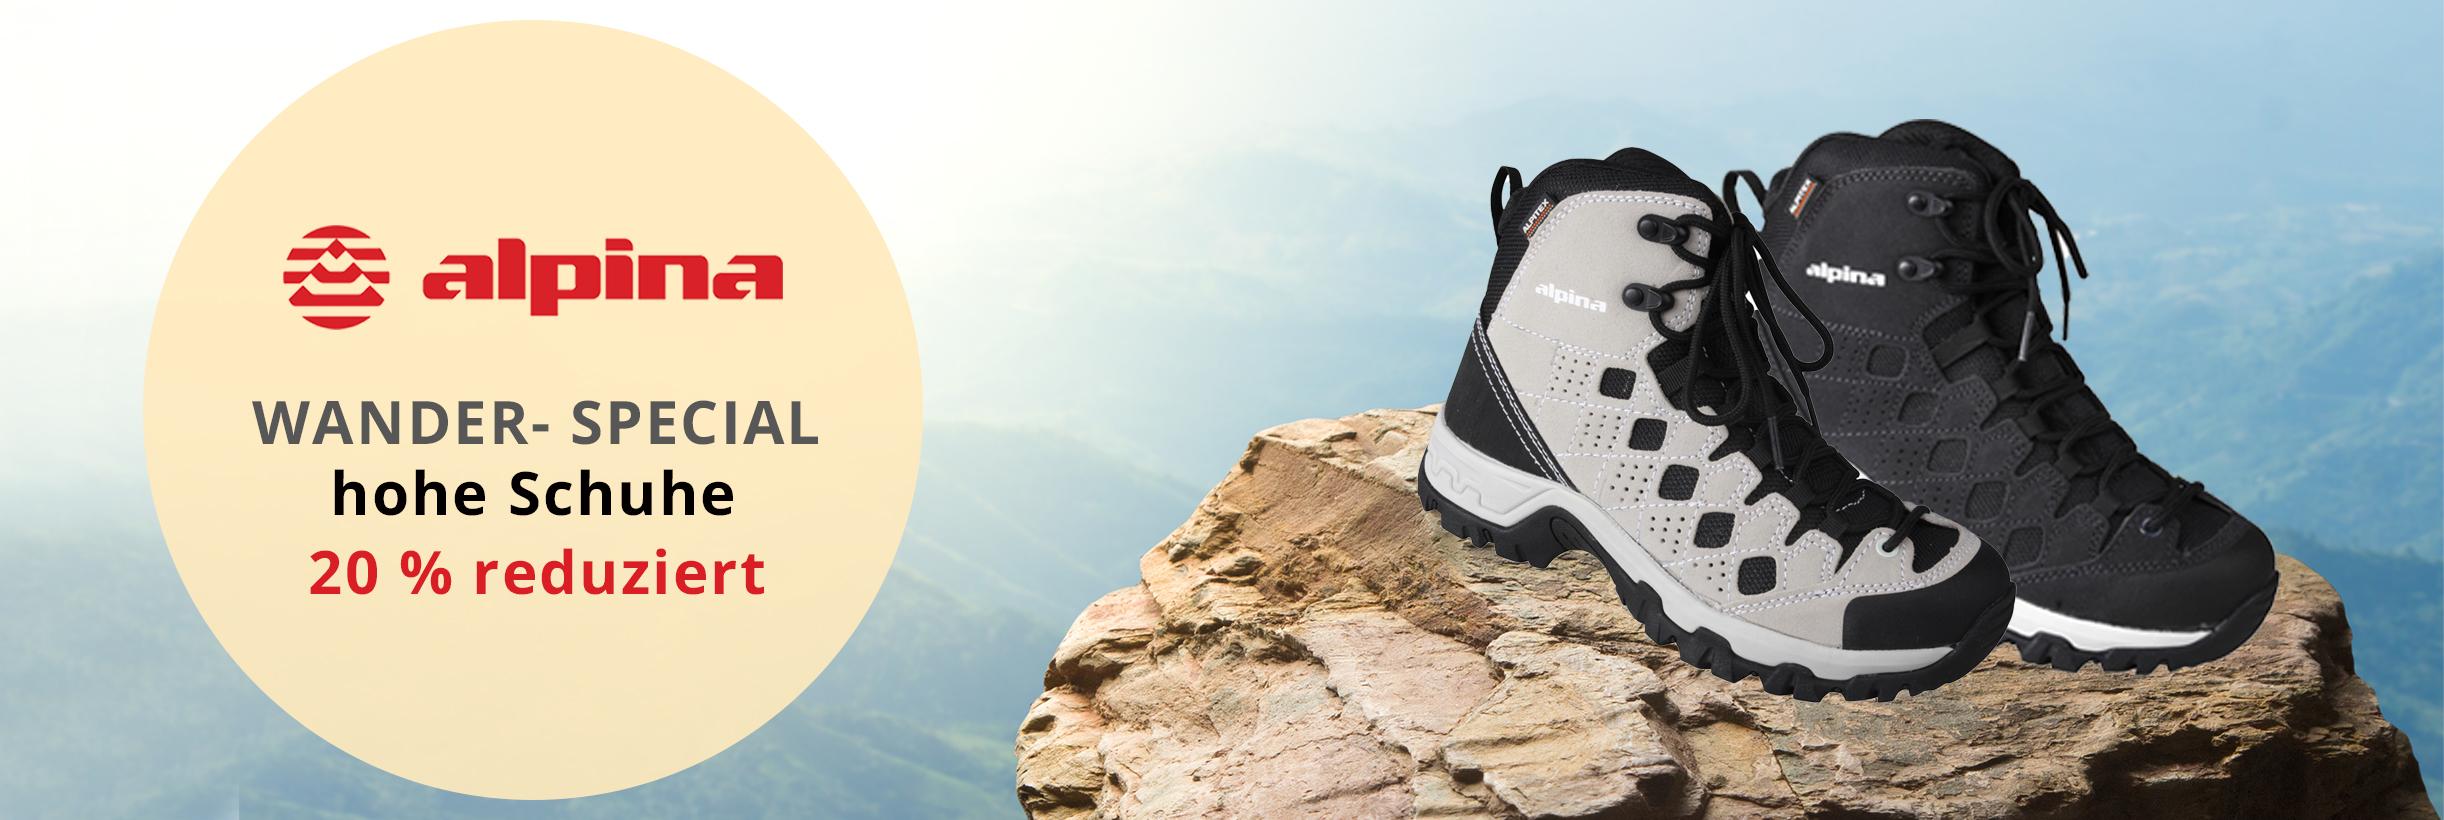 Kategoriebild Wanderwoche - hohe Schuhe